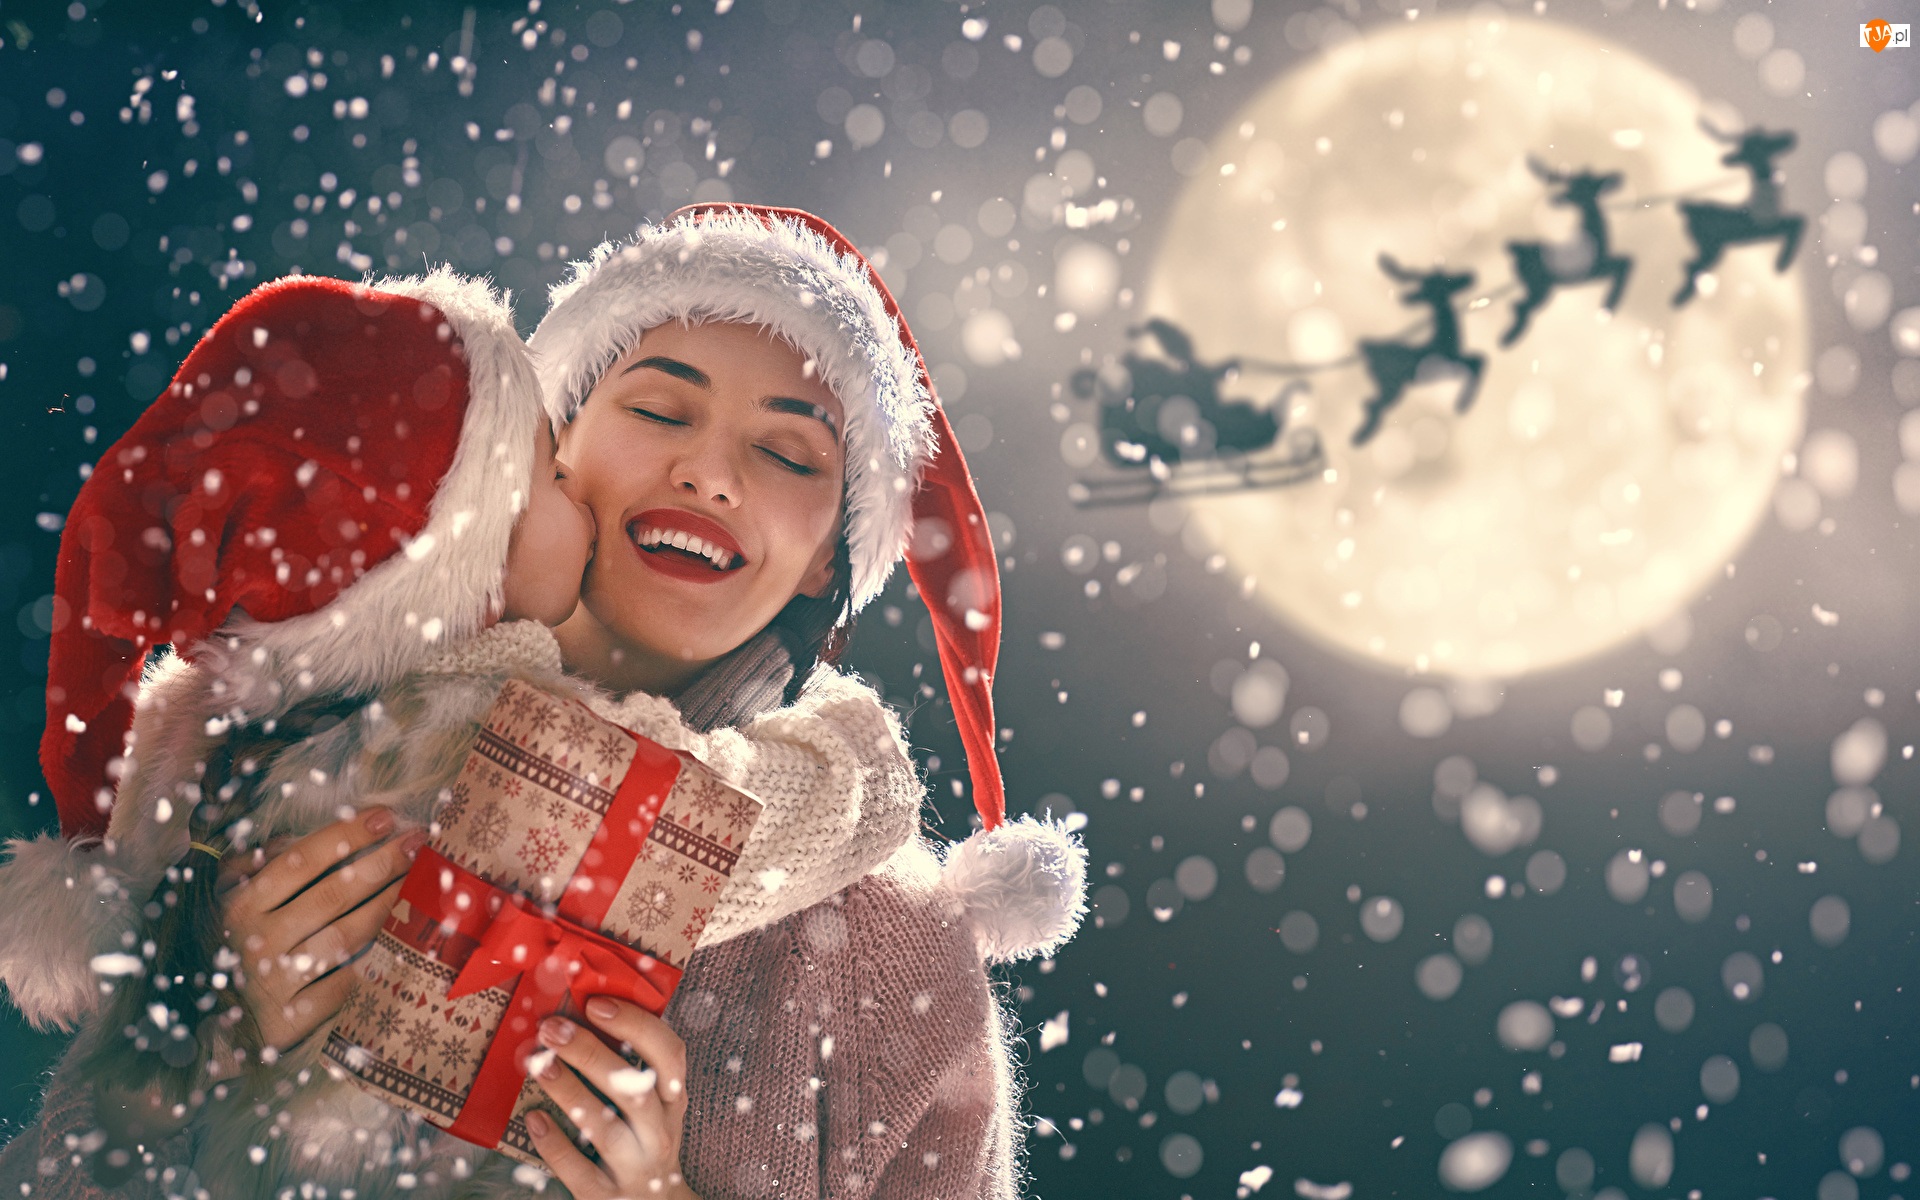 Kobieta, Boże Narodzenie, Prezent, Mikołajki, Dziecko, Czapki